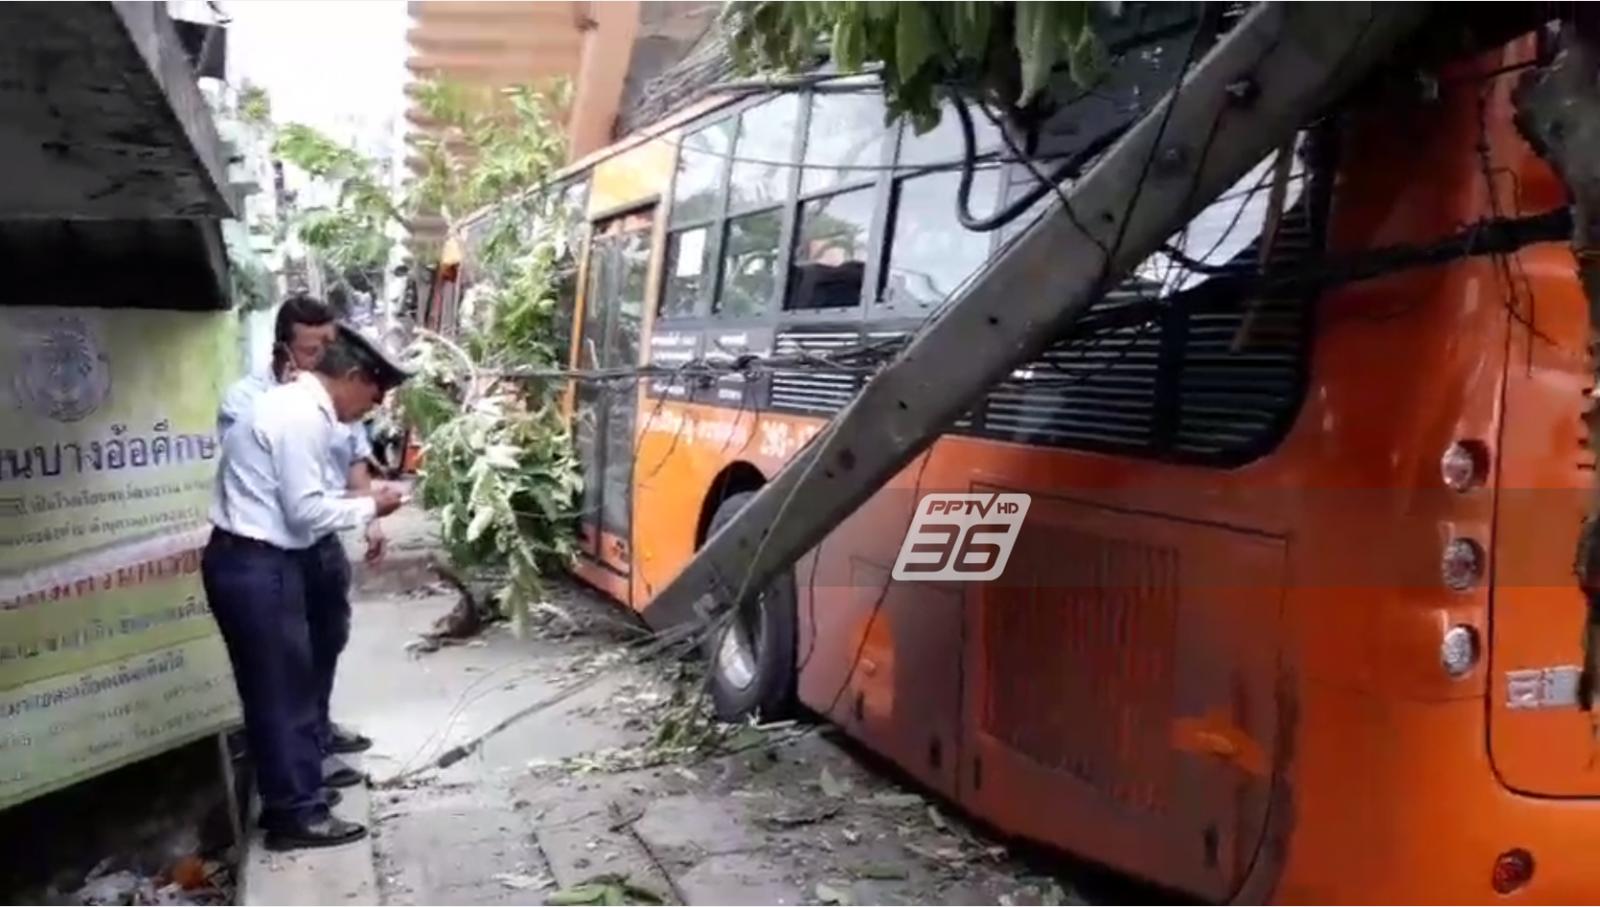 รถเมล์สาย 203 ชนเสาไฟฟ้า-ตอม่อสะพานลอย เจ็บ 8  คนขับสาหัส